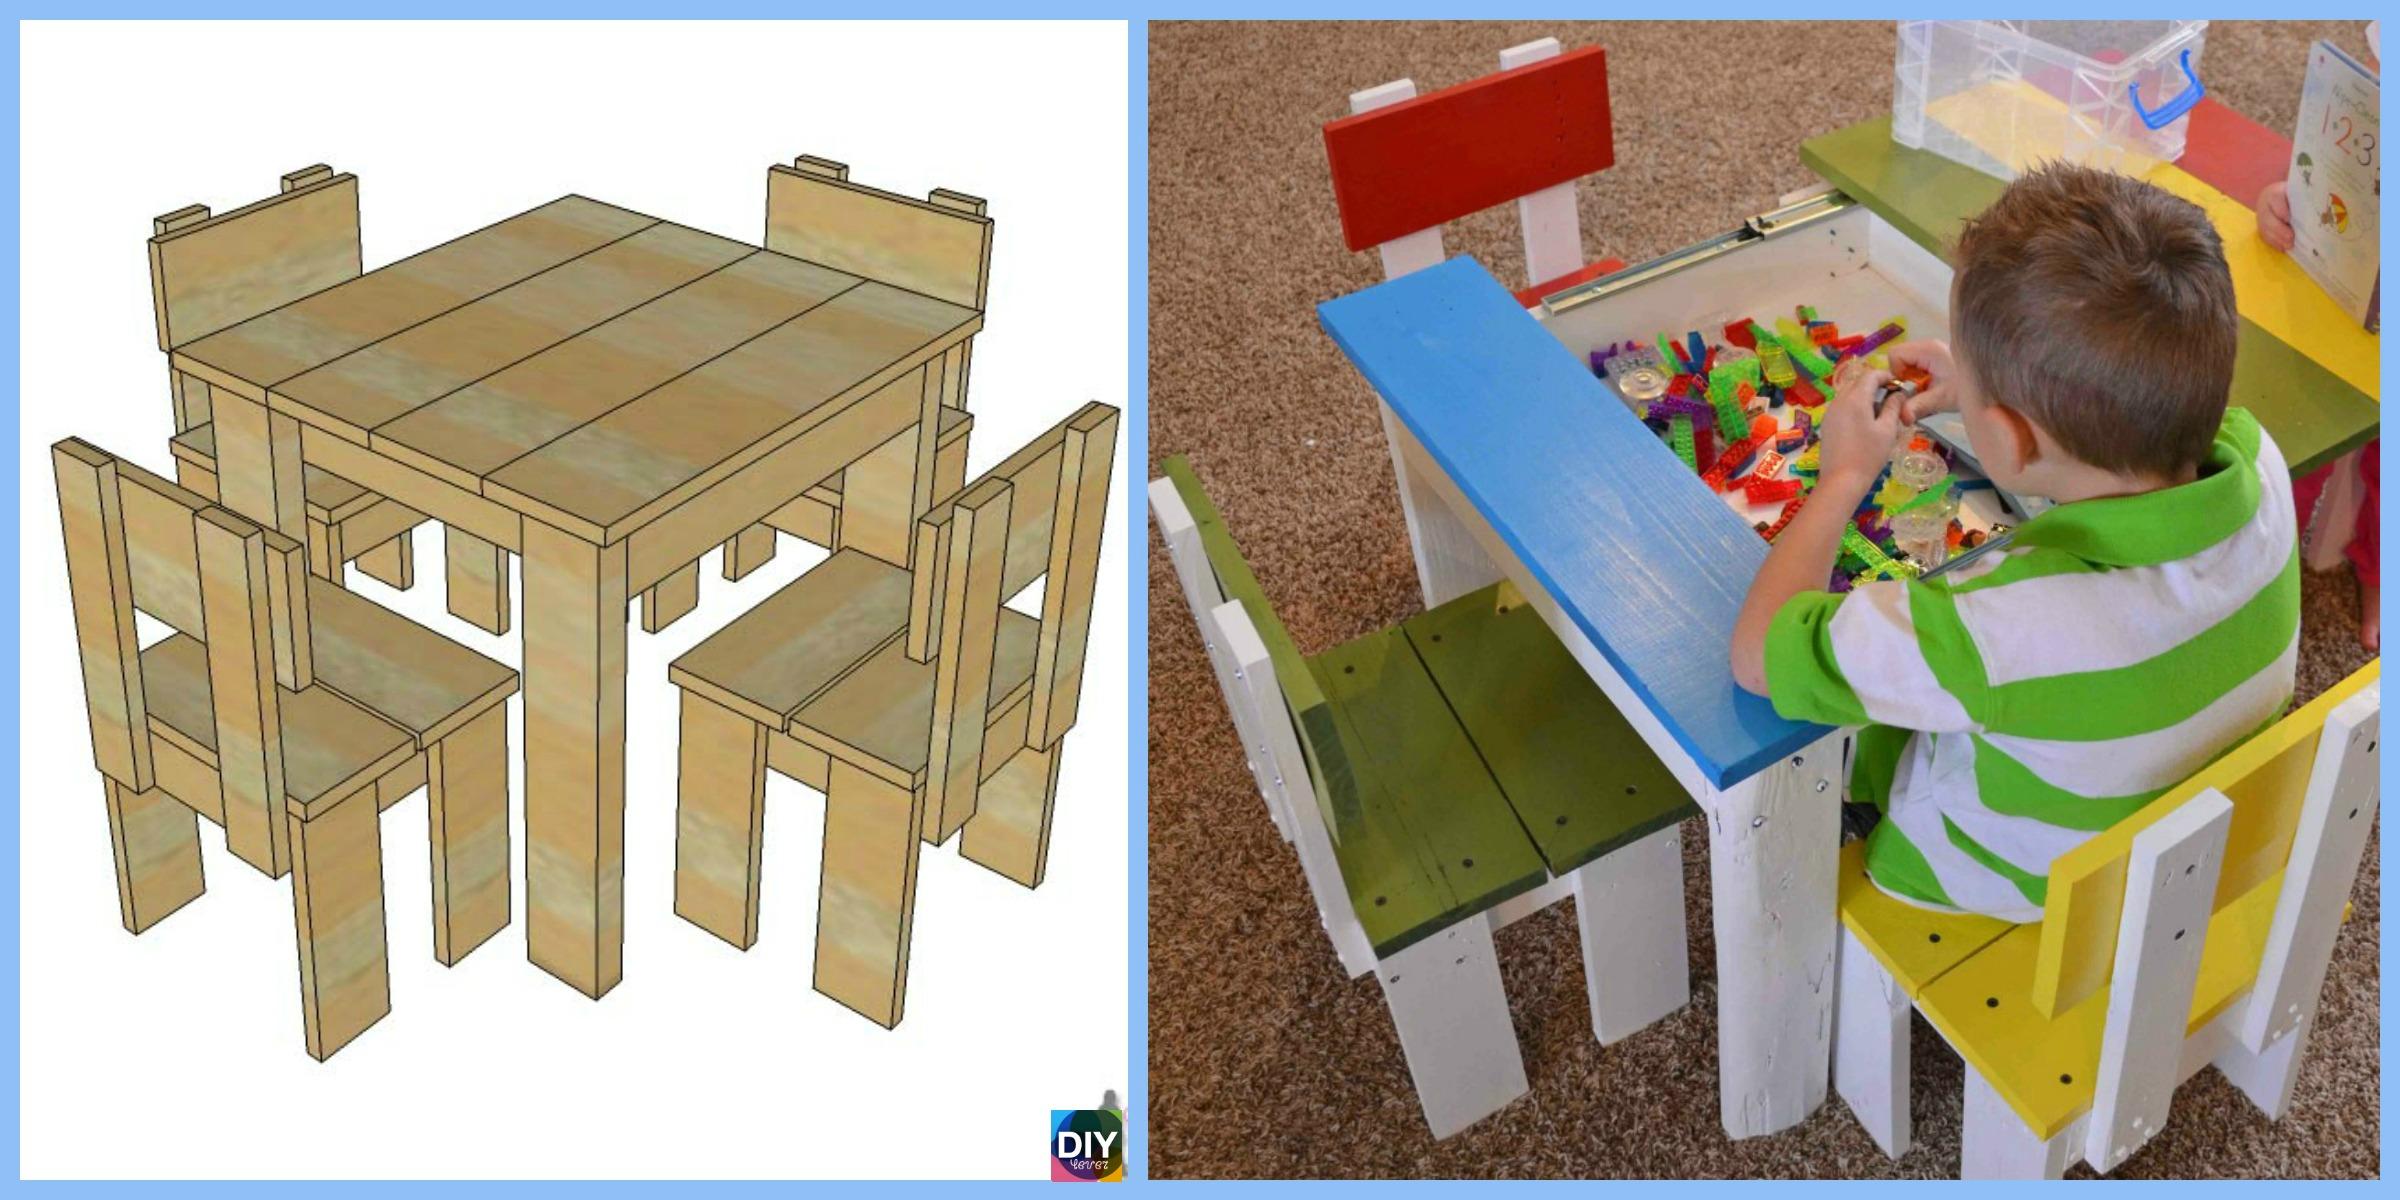 Simple DIY Kids Table Chair Set Tutorial